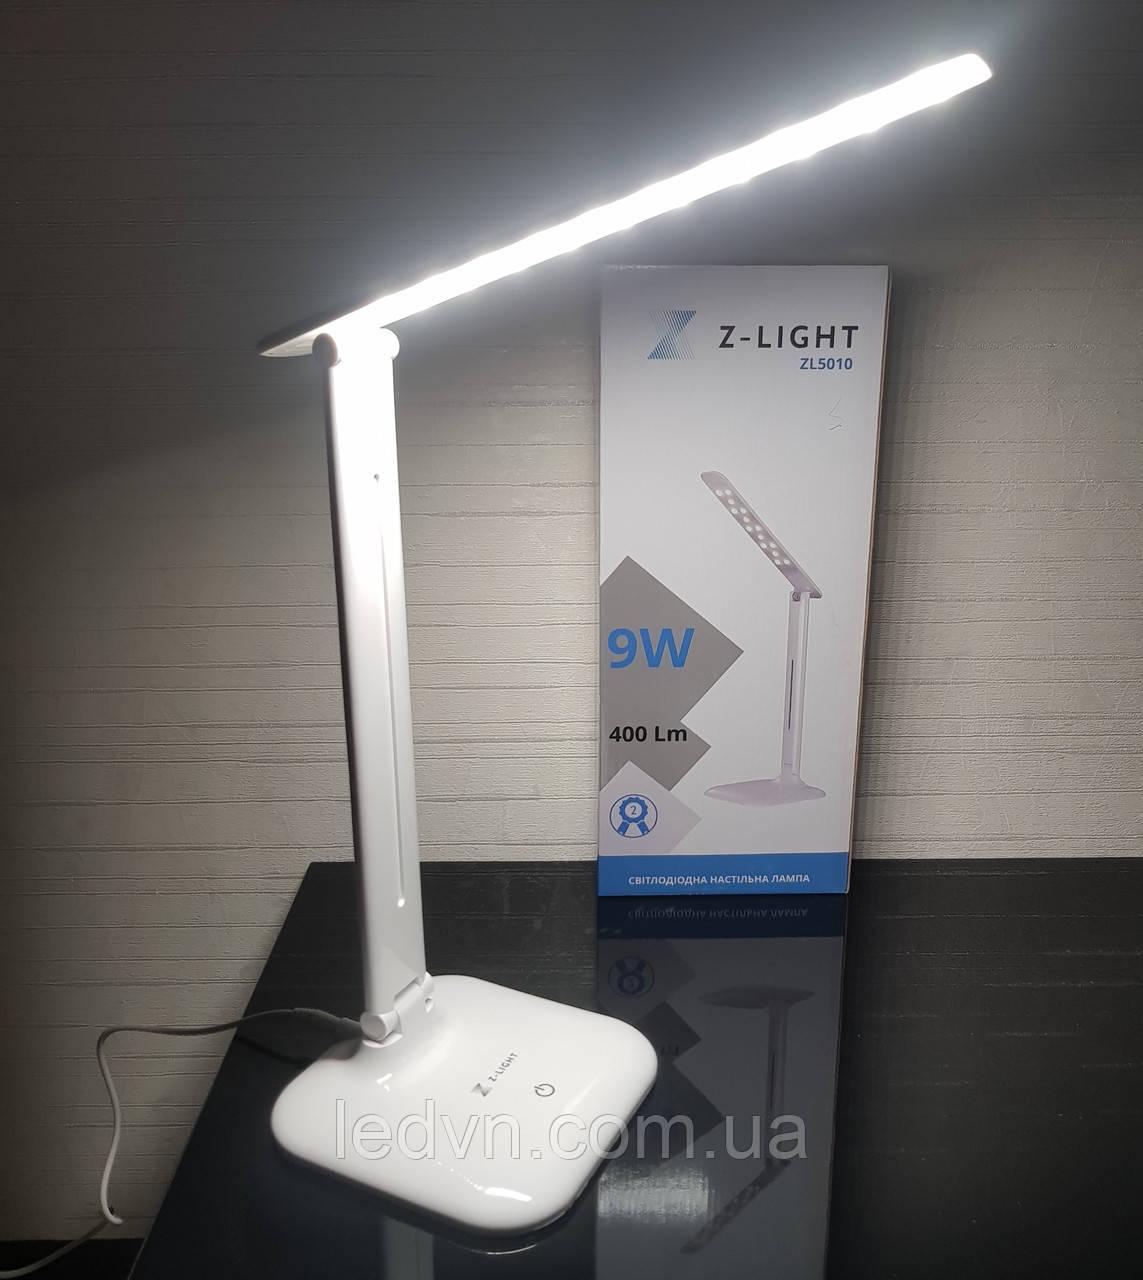 Настольная светодиодная лампа 9Watt сенсорная белая